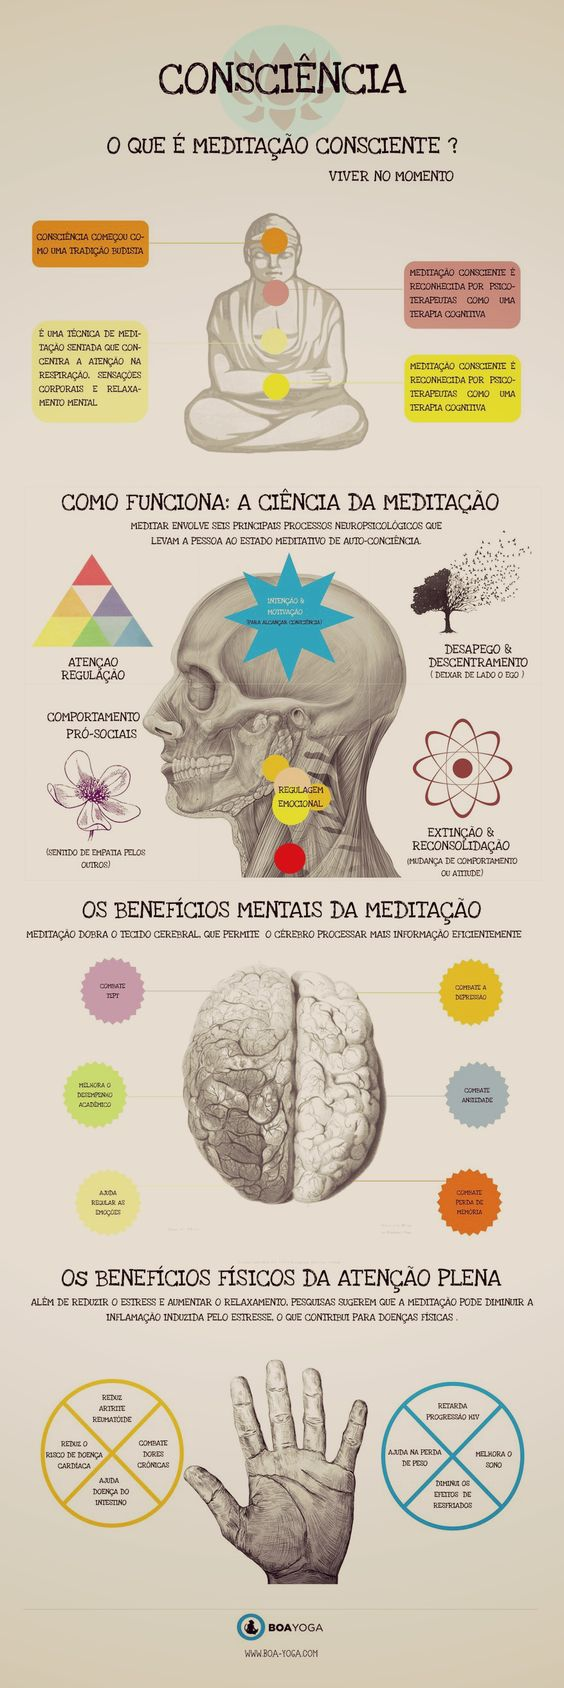 Beneficios da Meditação